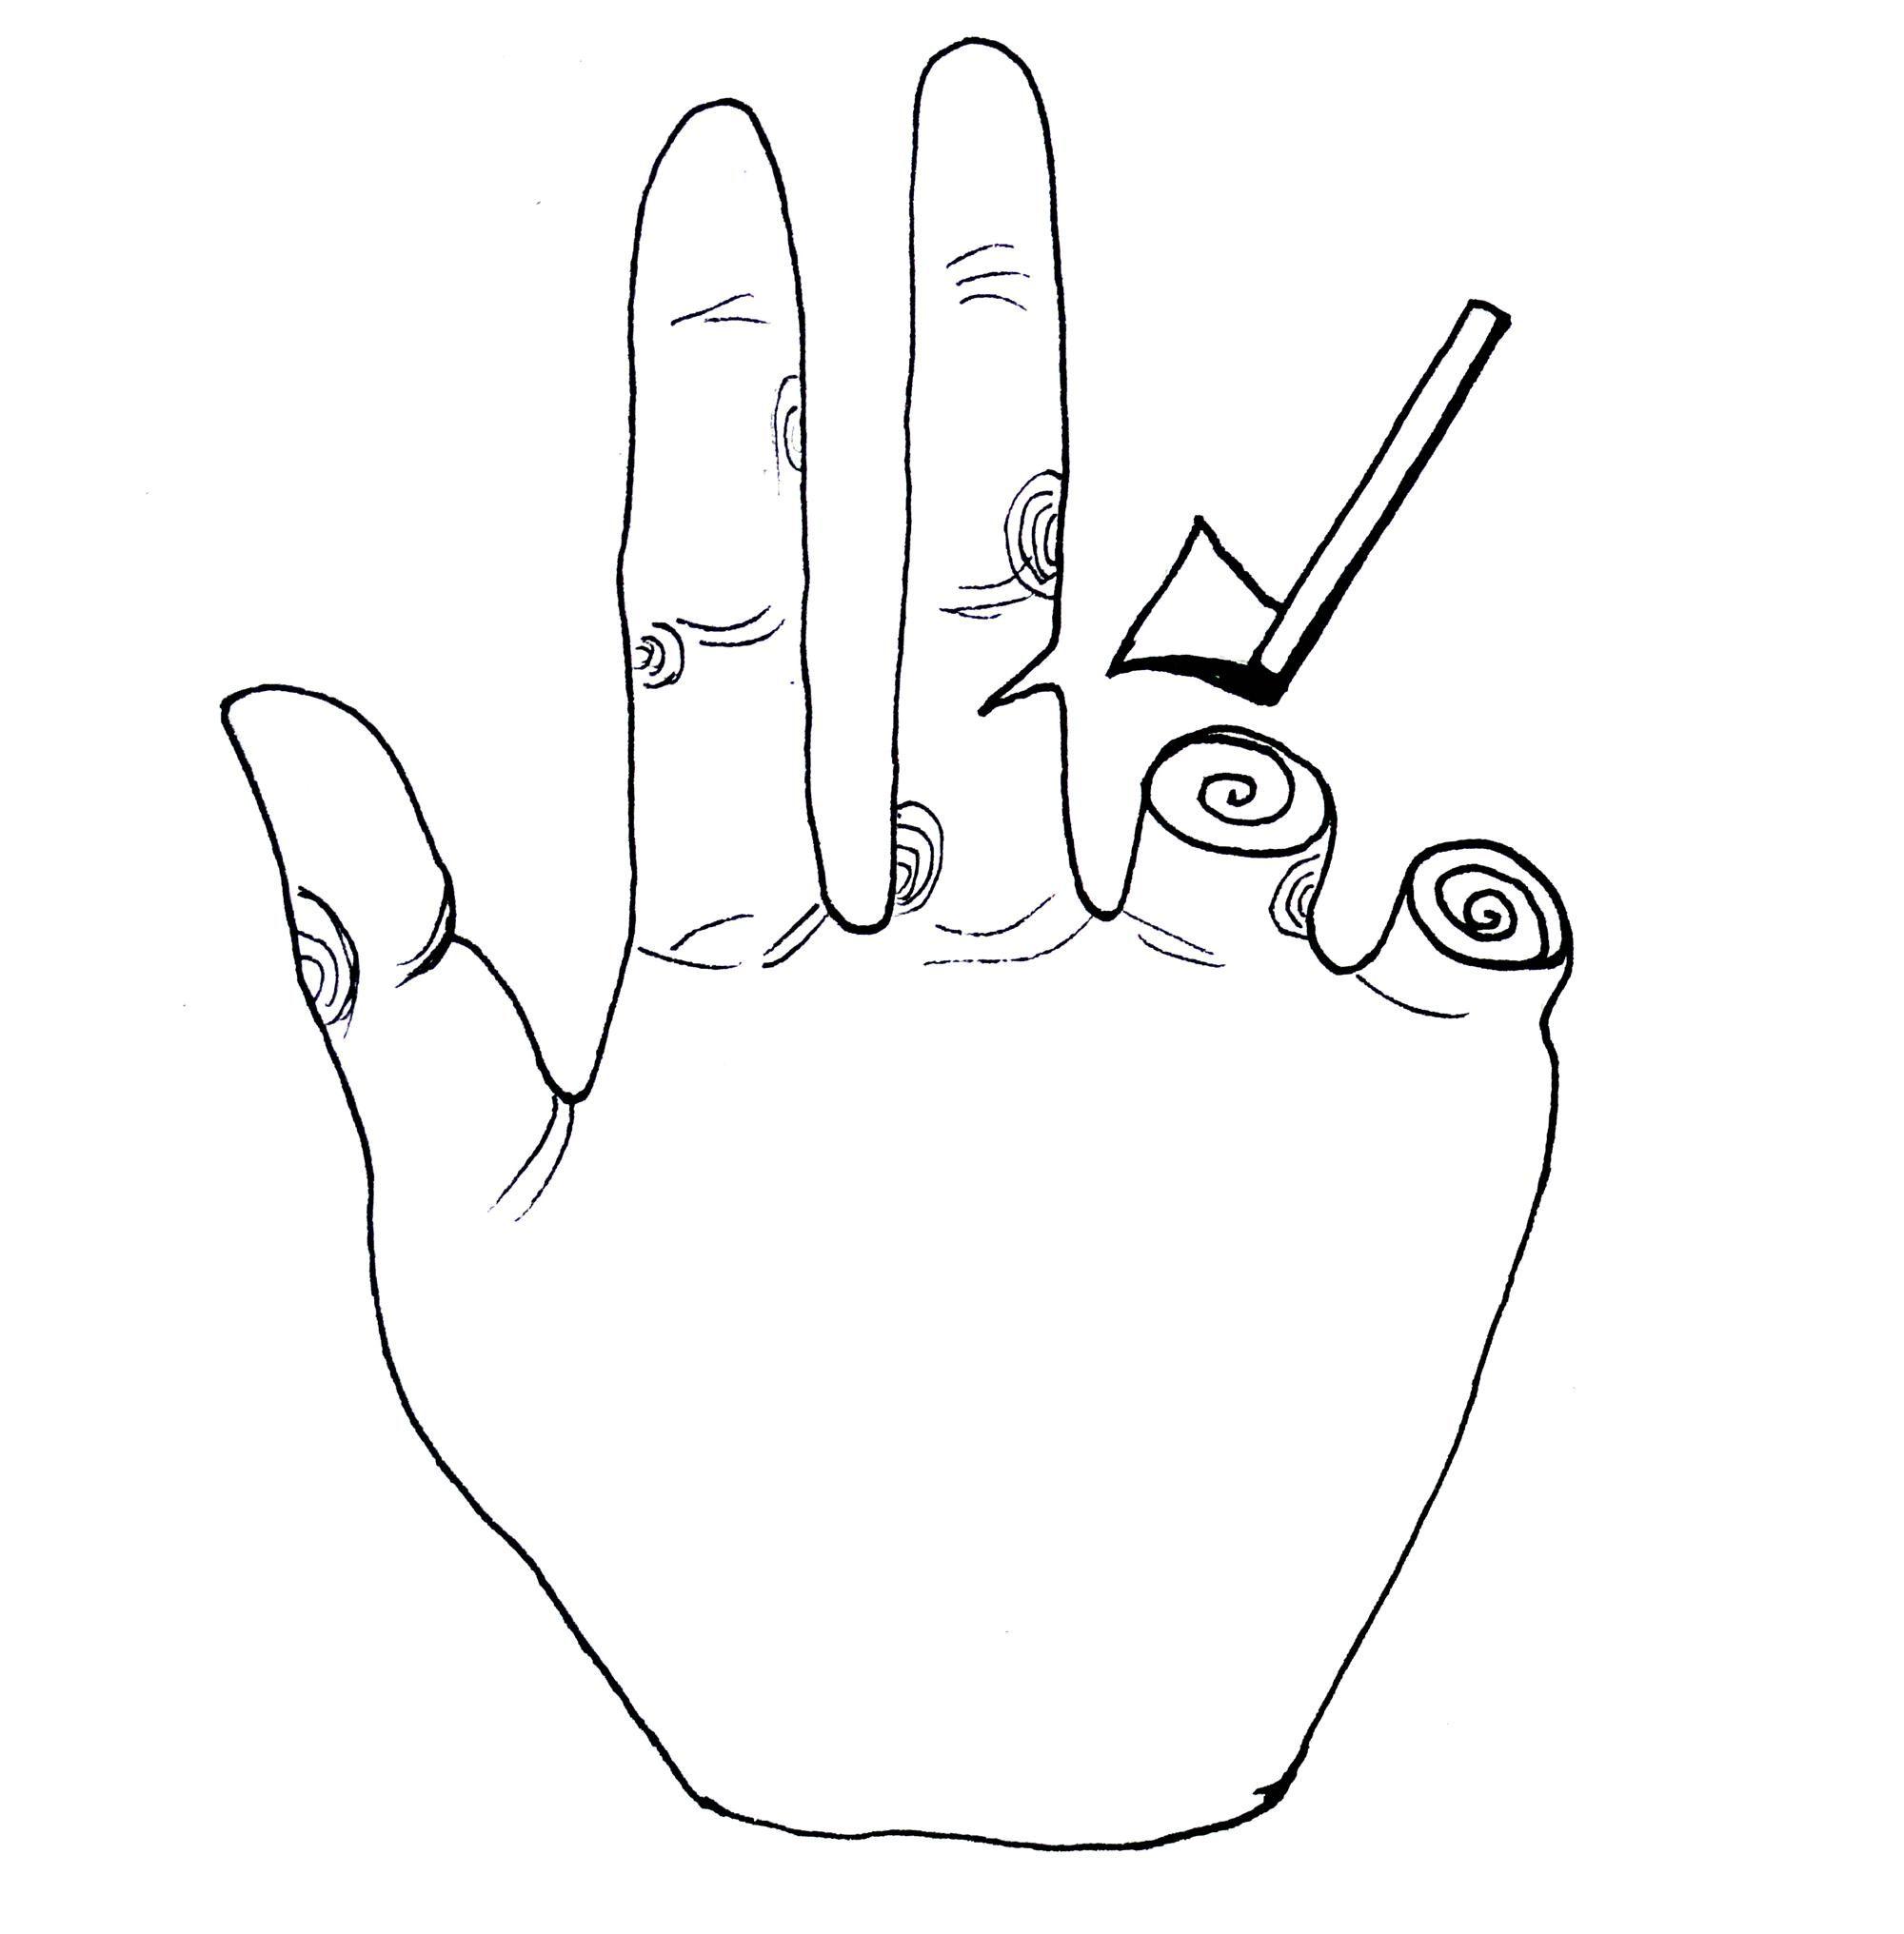 手的联想-图形创意-设计案例 - 设计师马斐斐设计工作图片